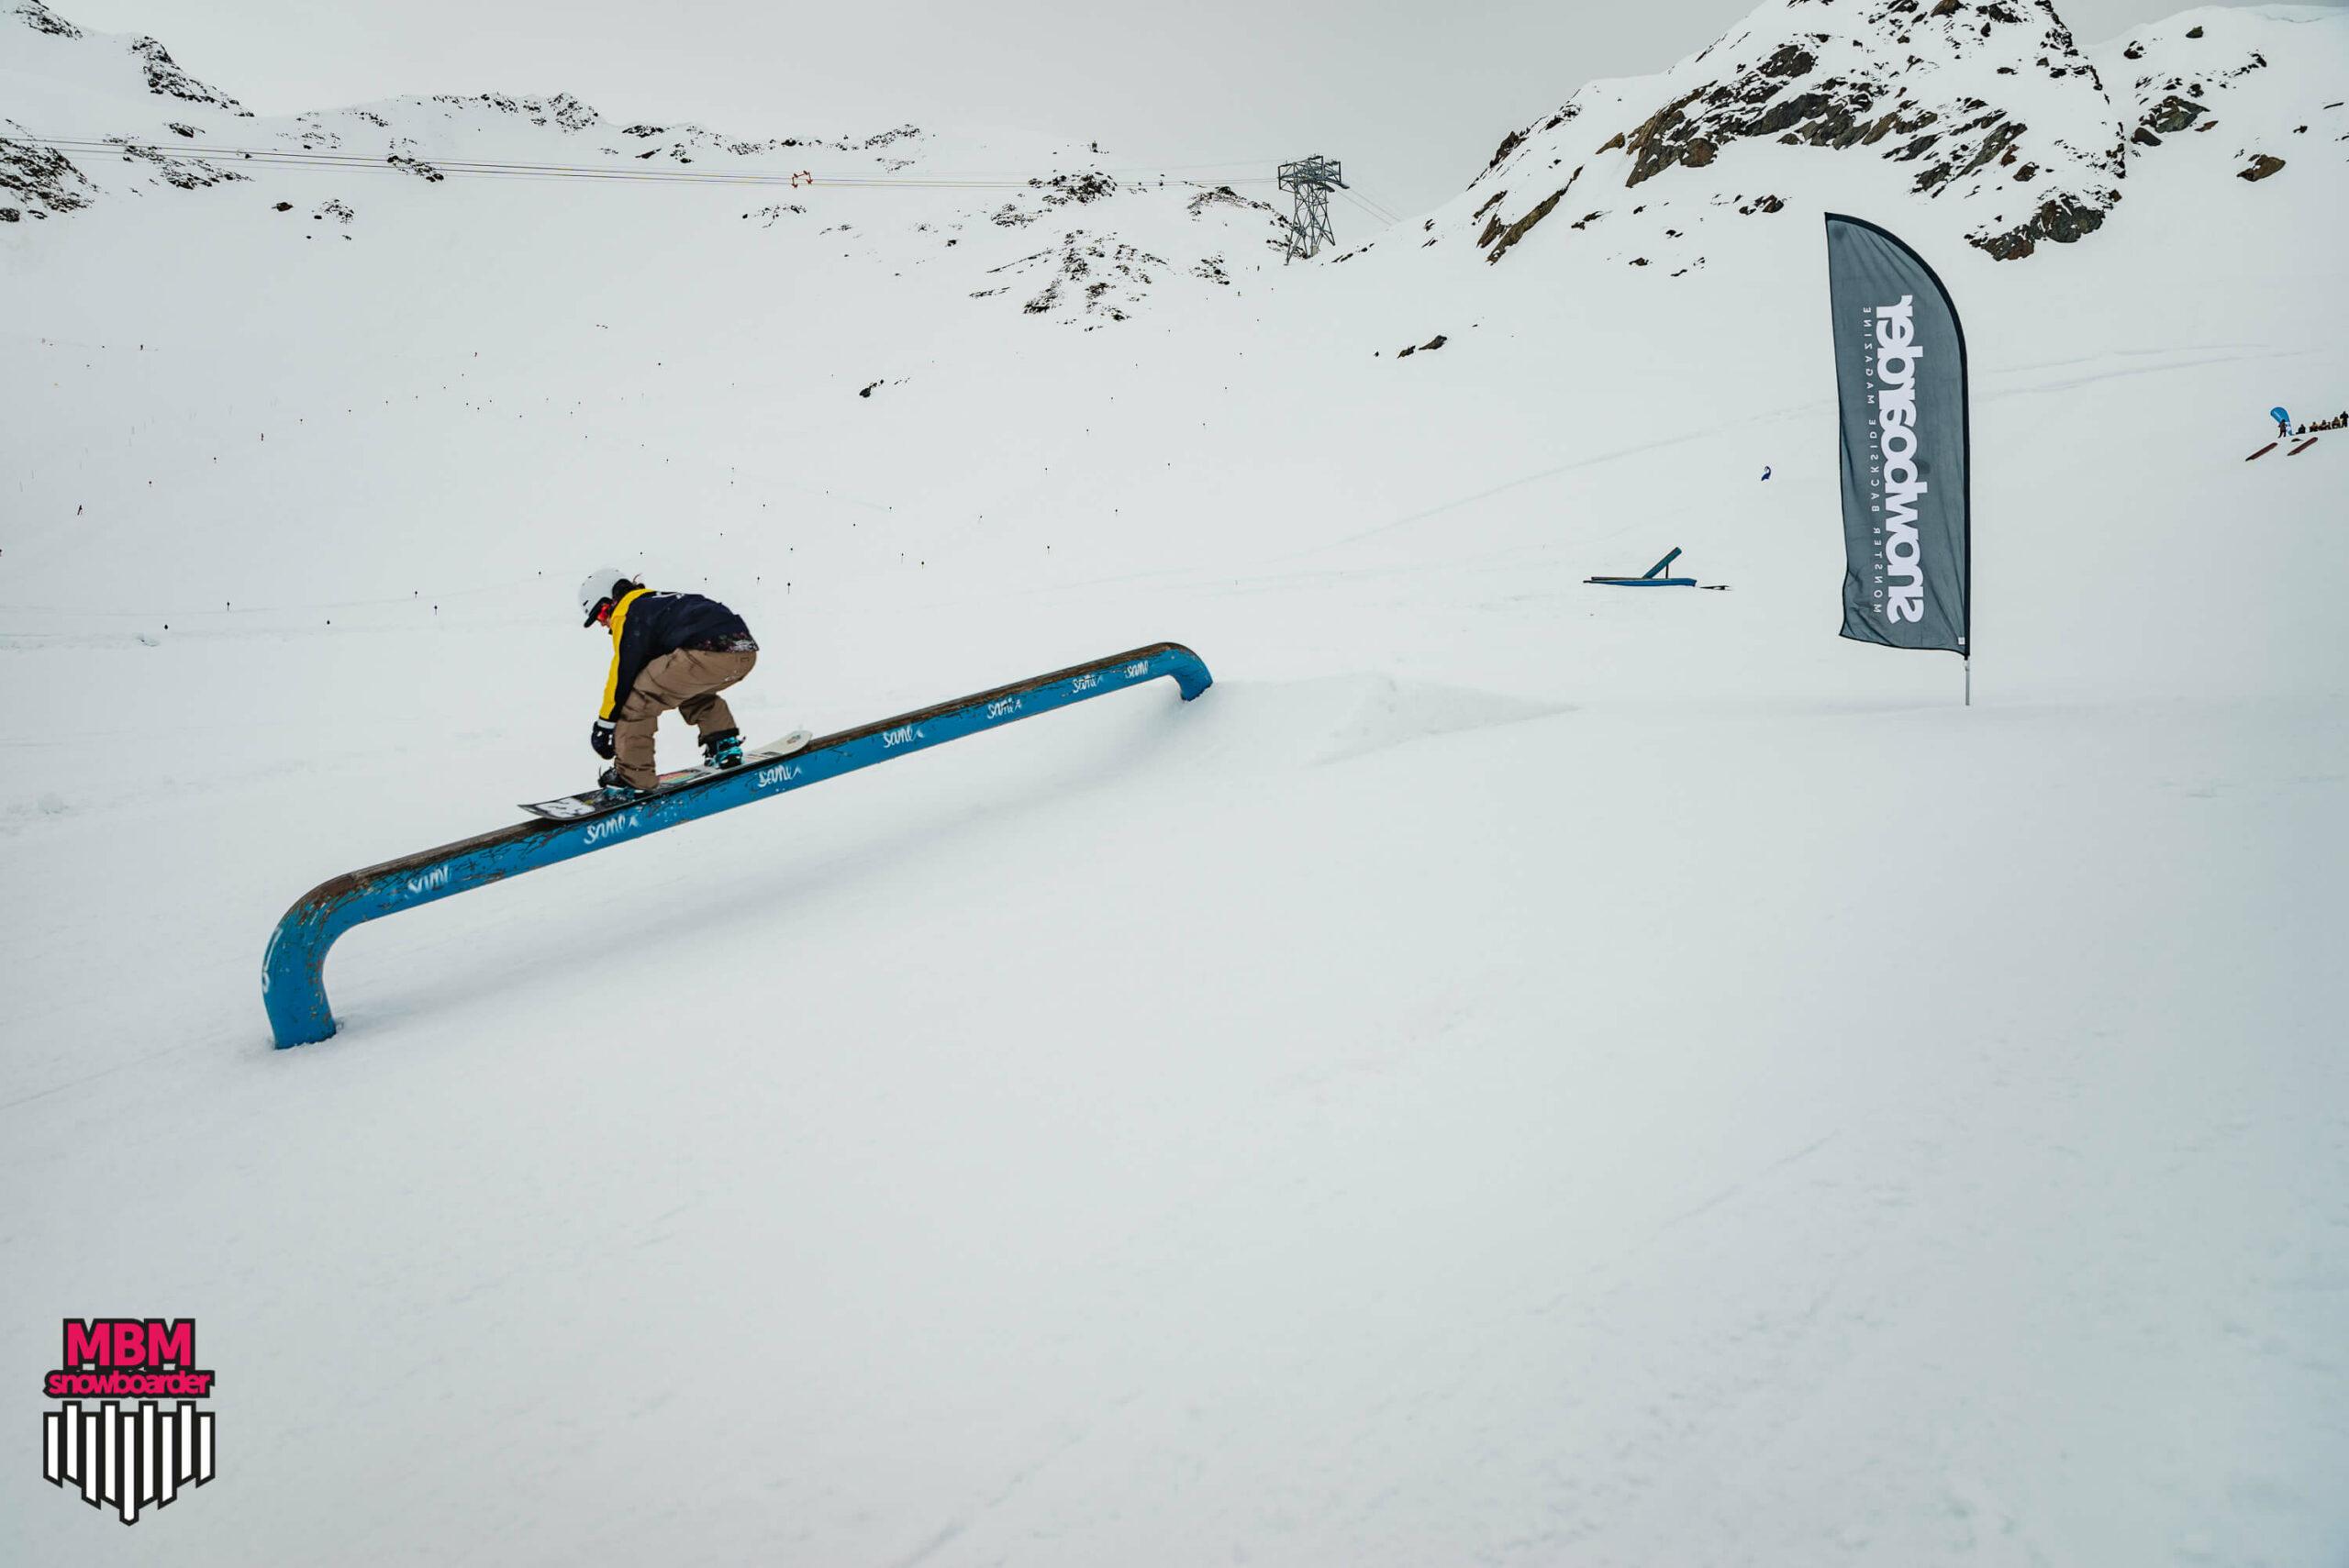 snowboarderMBM_sd_kaunertal_031